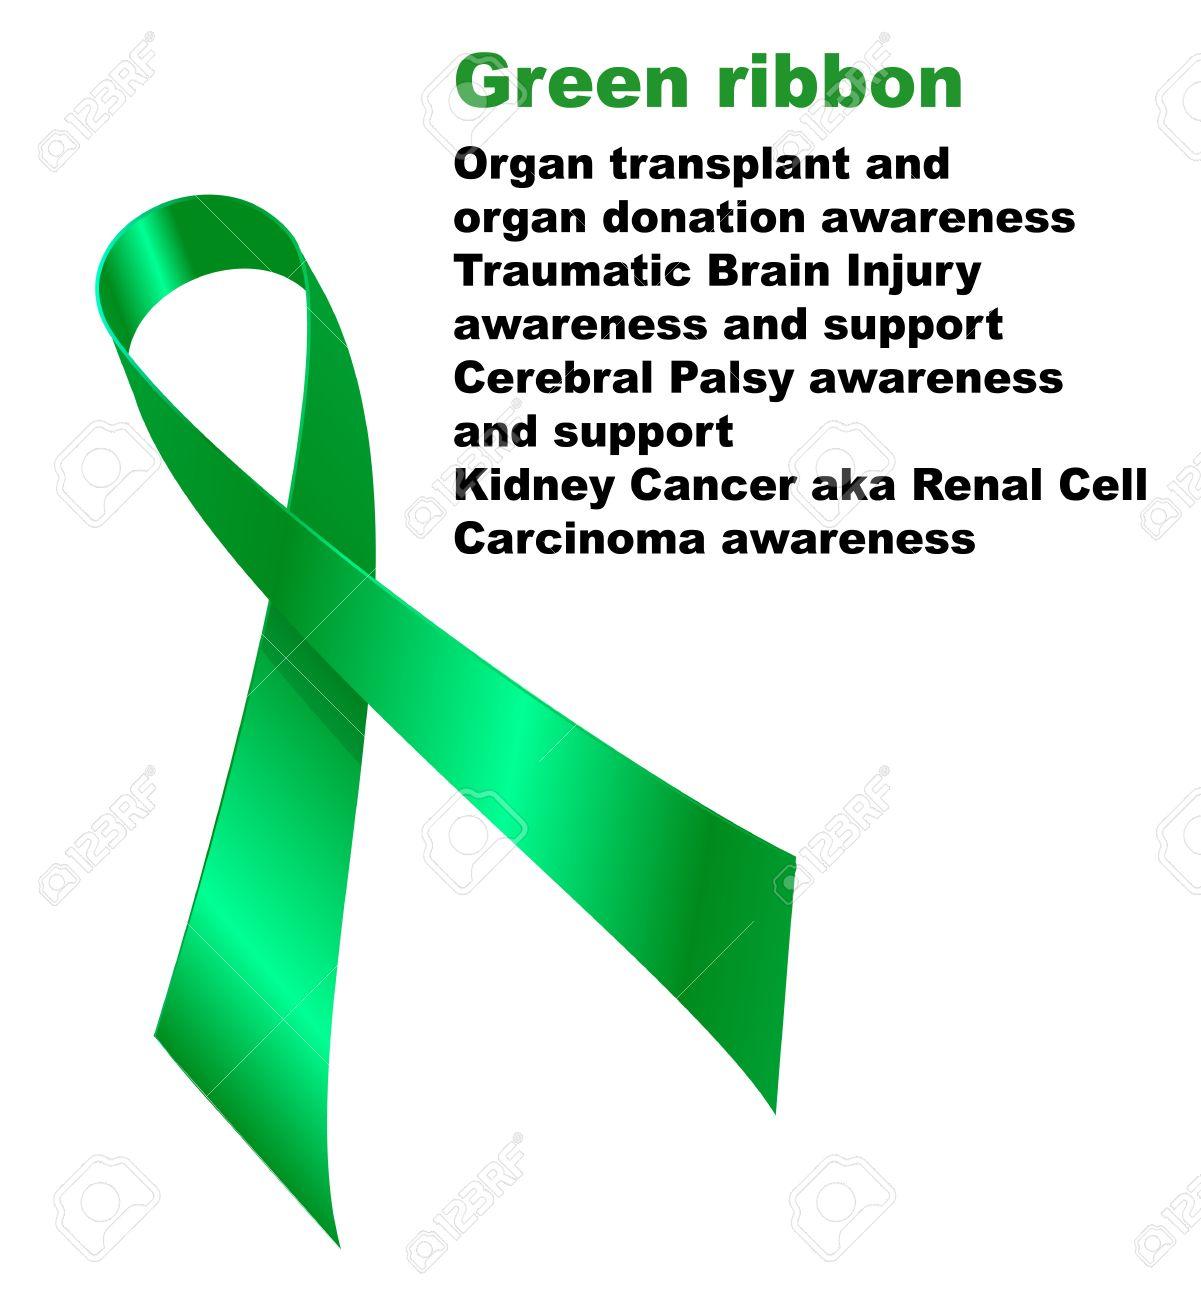 green ribbon organ transplant and organ donation awareness